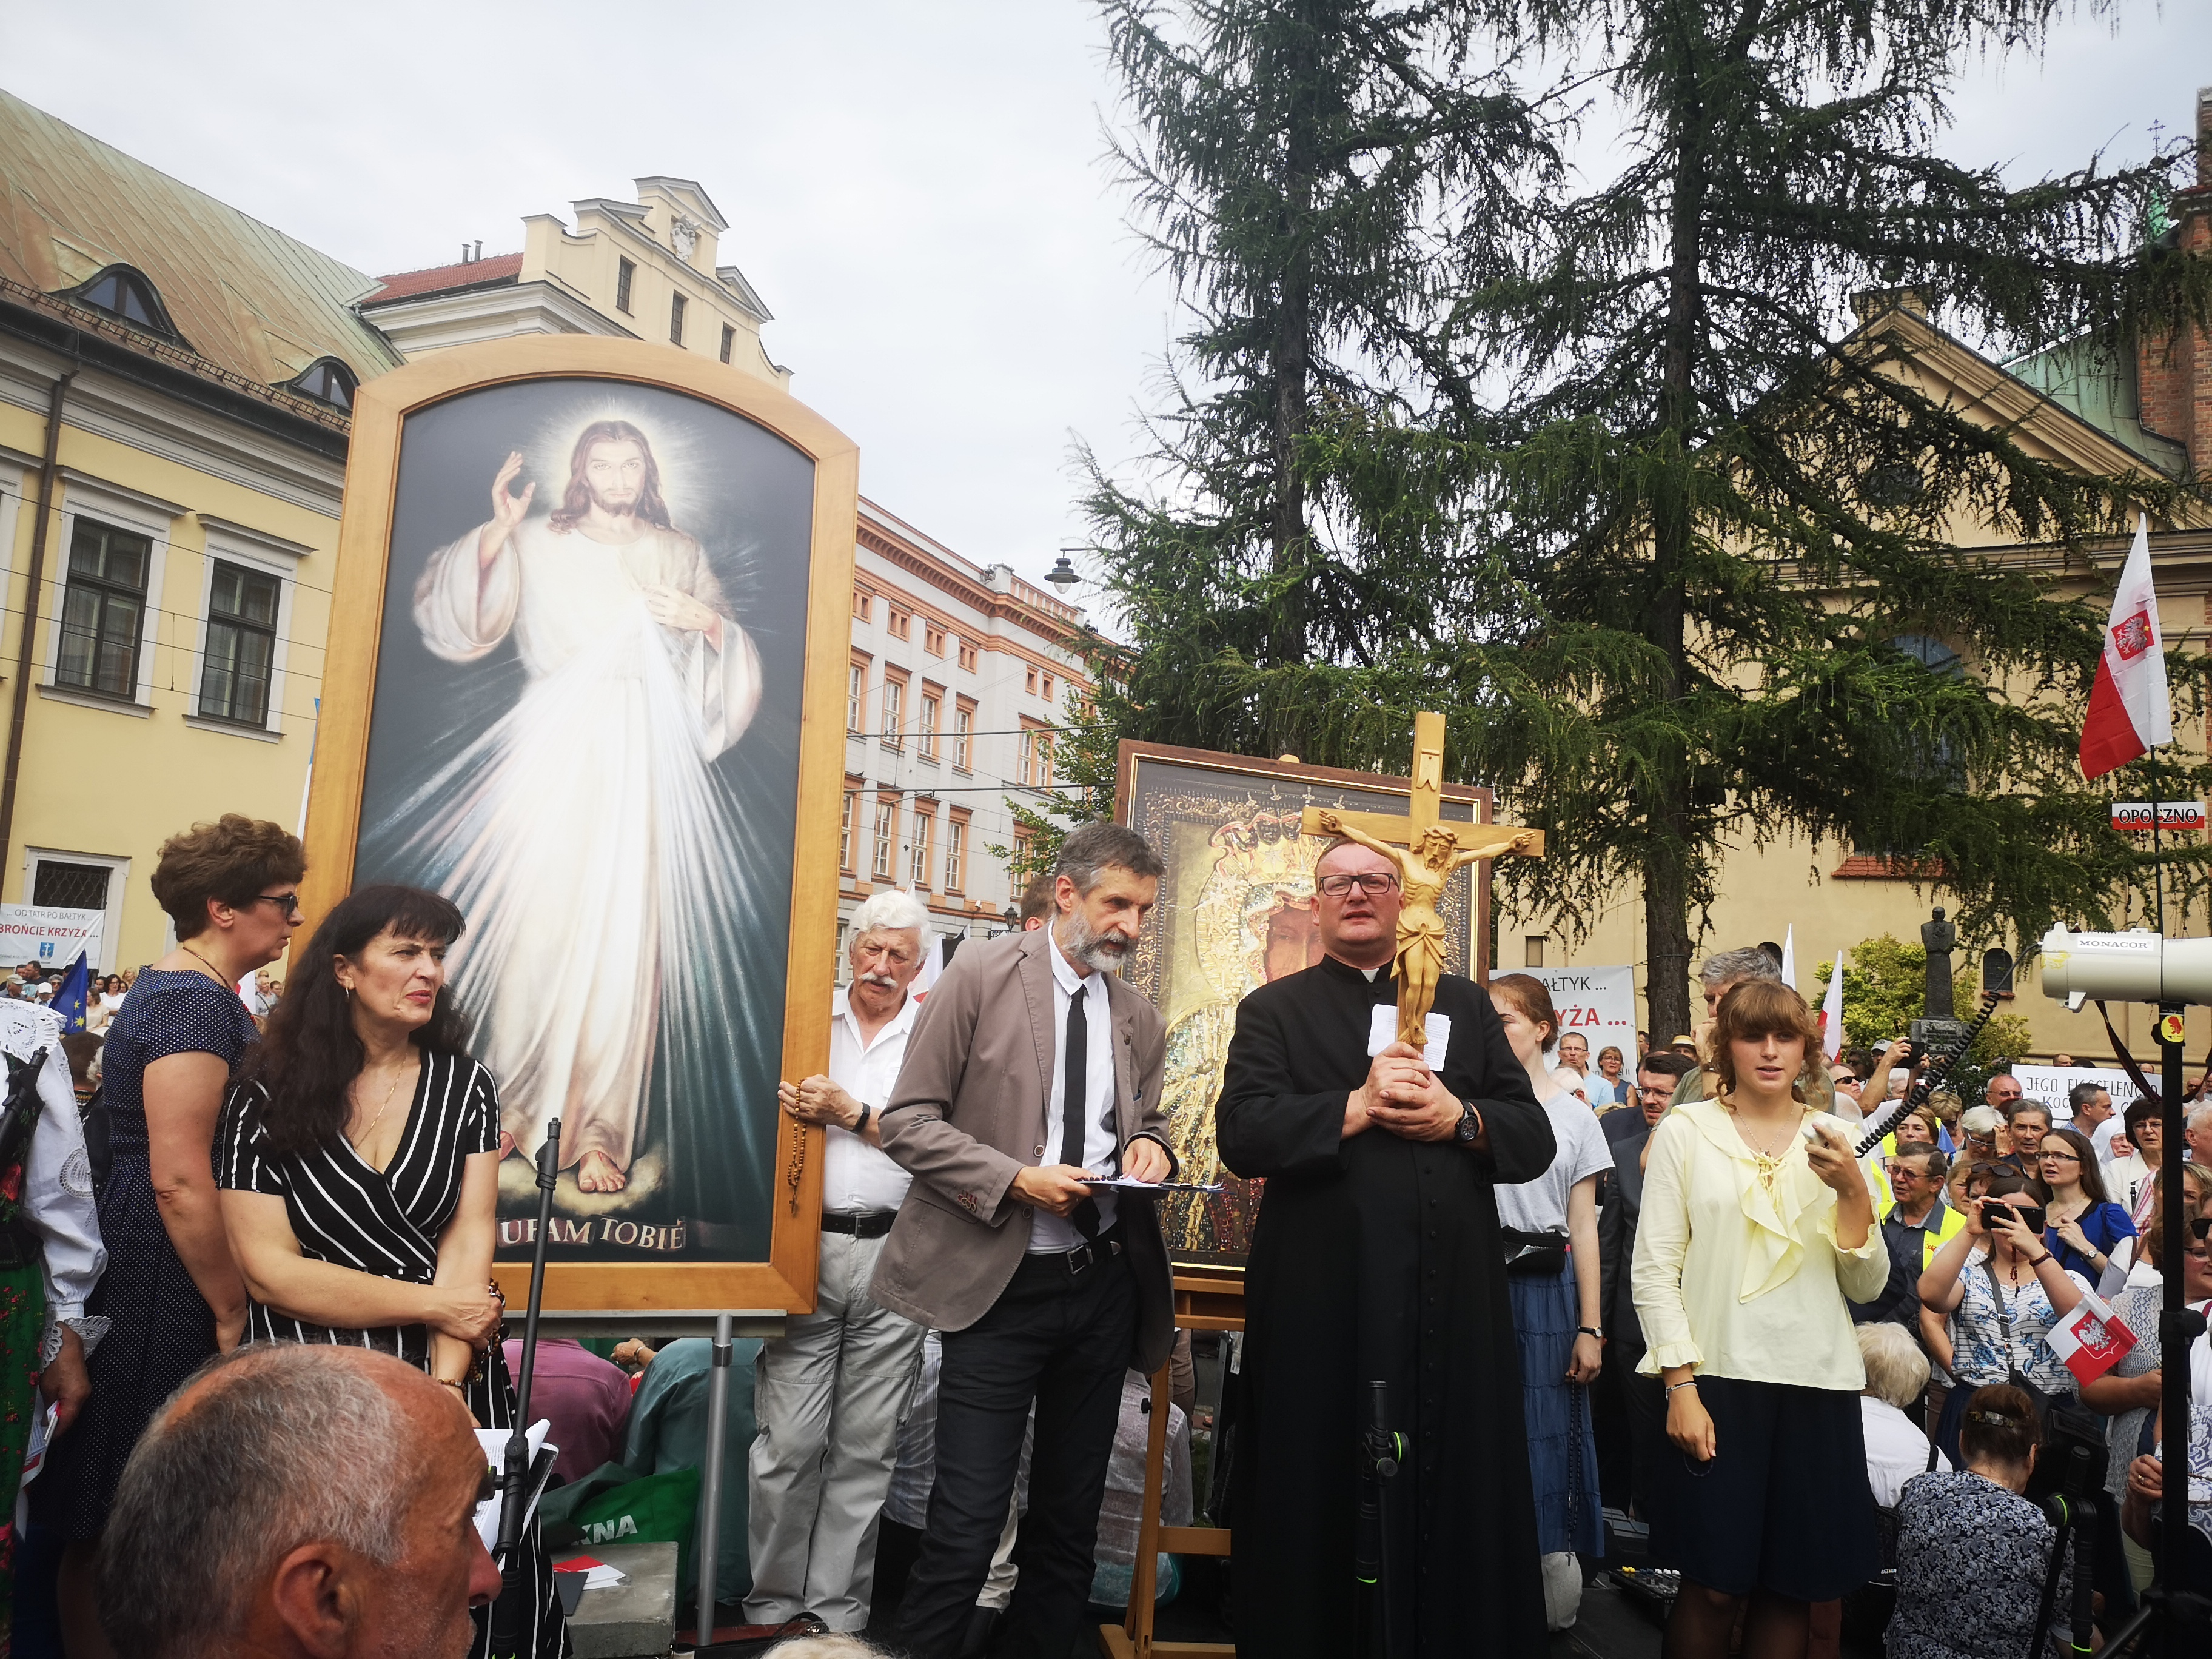 Modlitwa w intencji arcybiskupa Jędraszewskiego